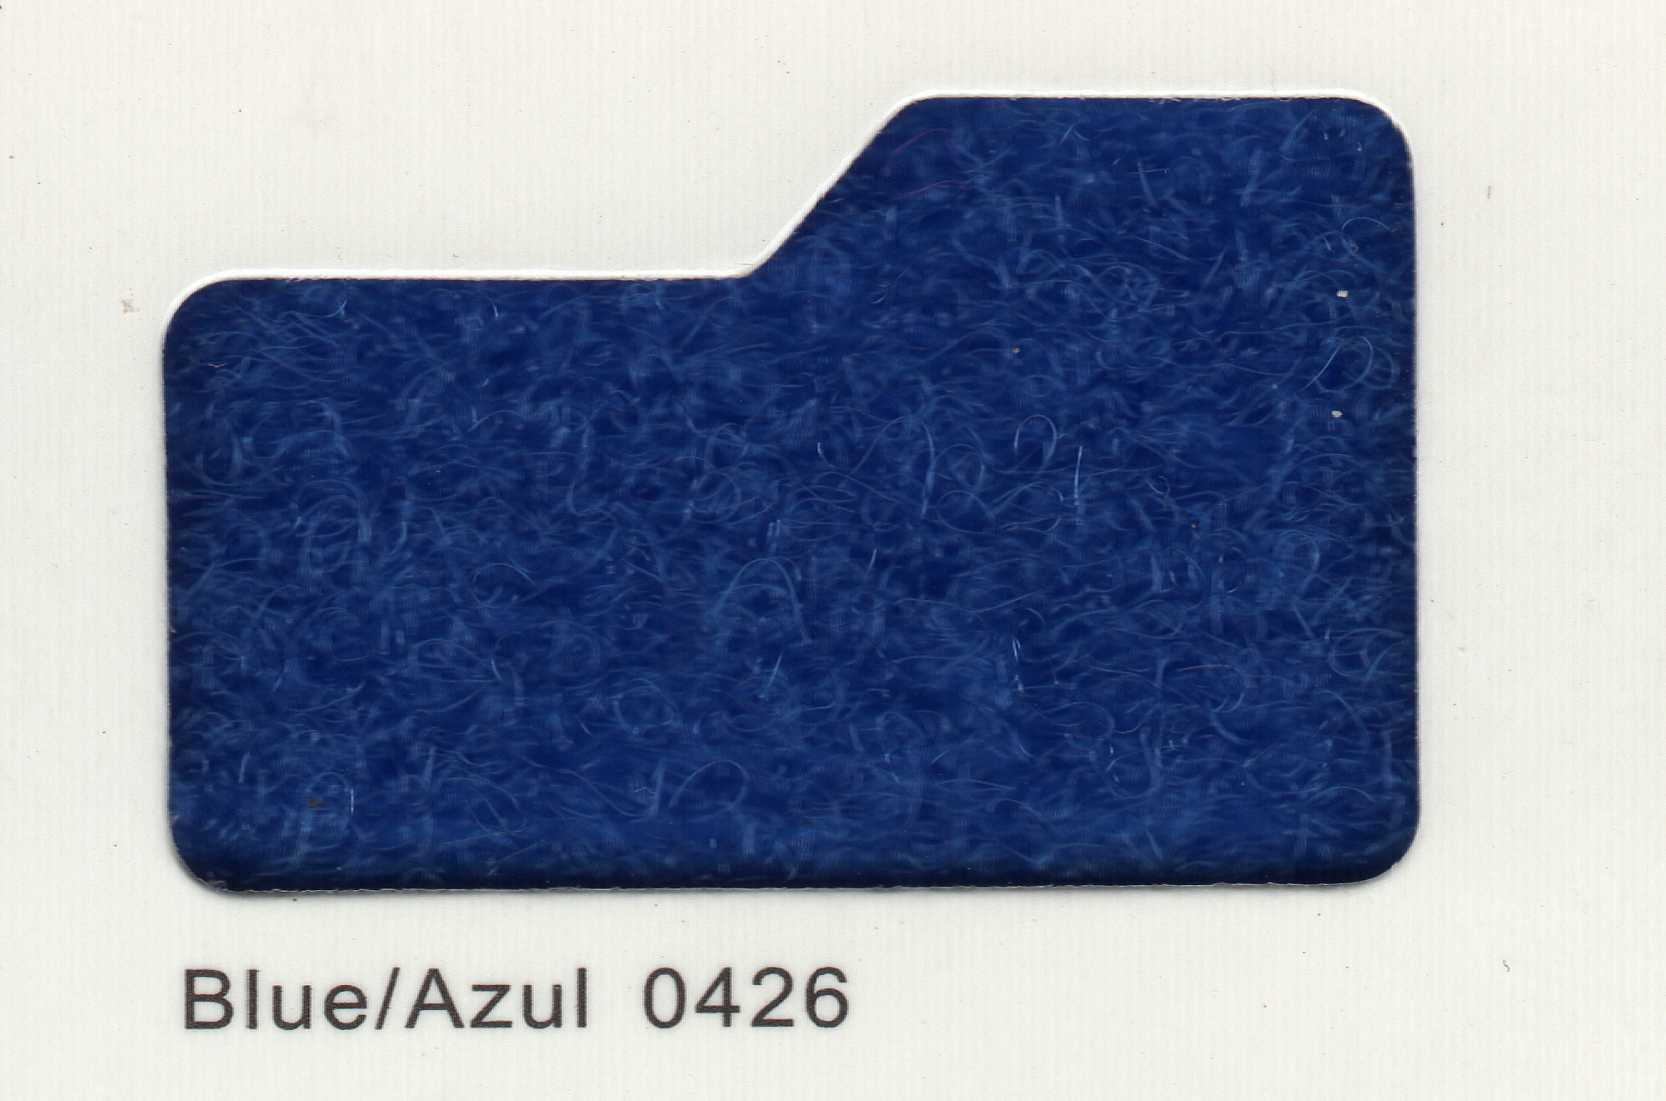 Cinta de cierre Velcro-Veraco 100mm Azul 0426 (Gancho).